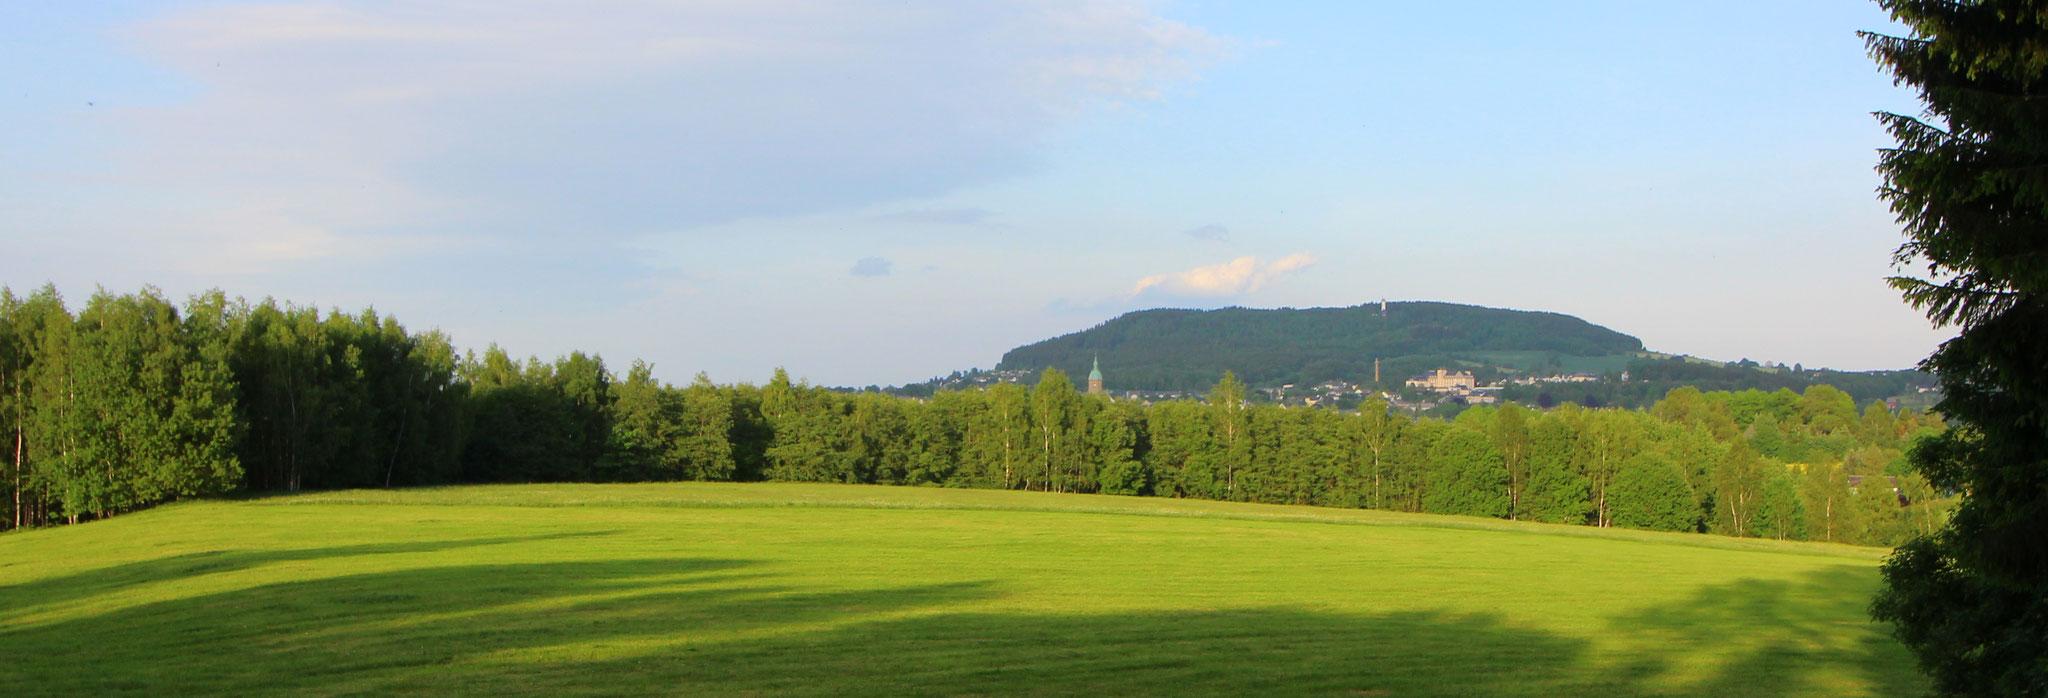 Blick auf den Pöhlberg und der Bergstadt Annaberg-Buchholz